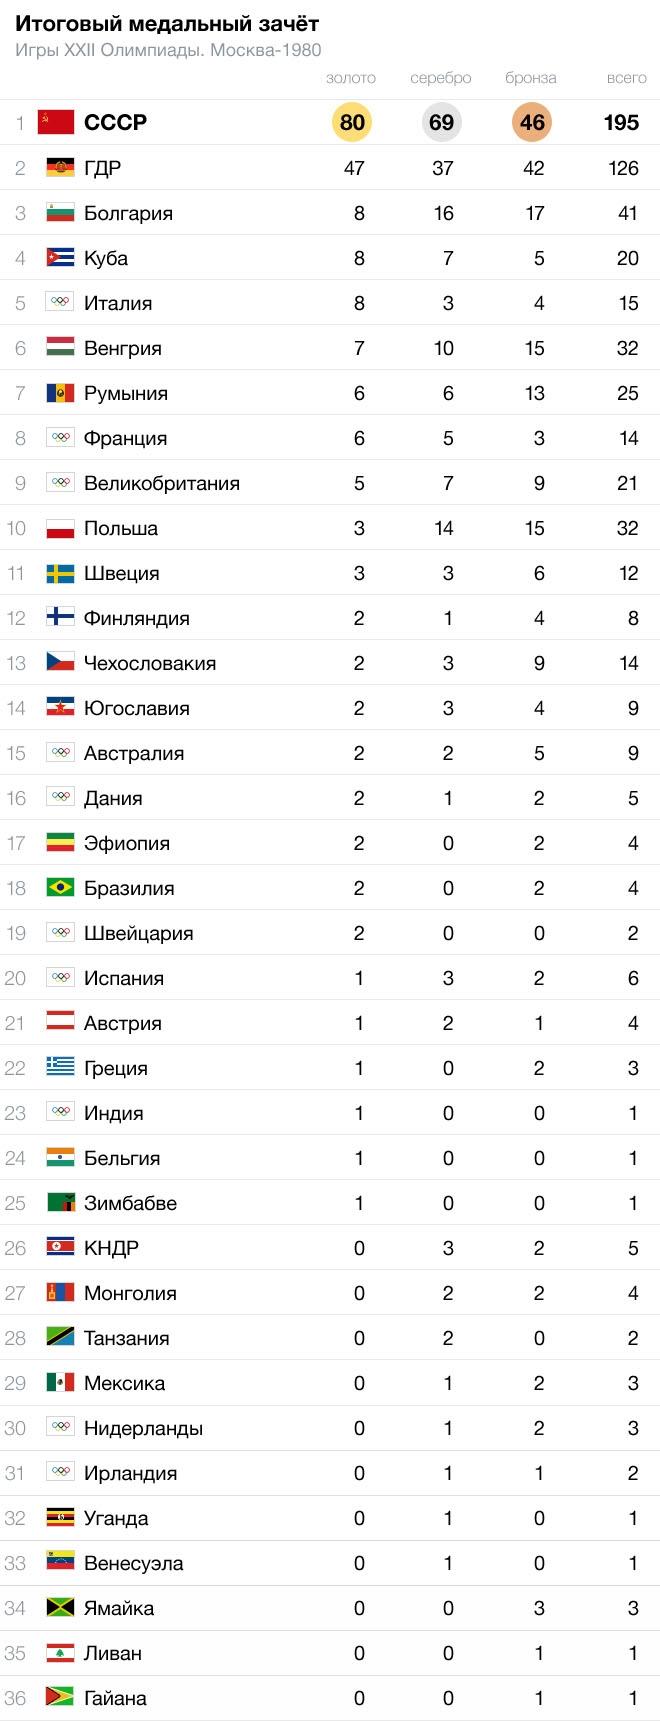 какое место занимает россия в олимпийских